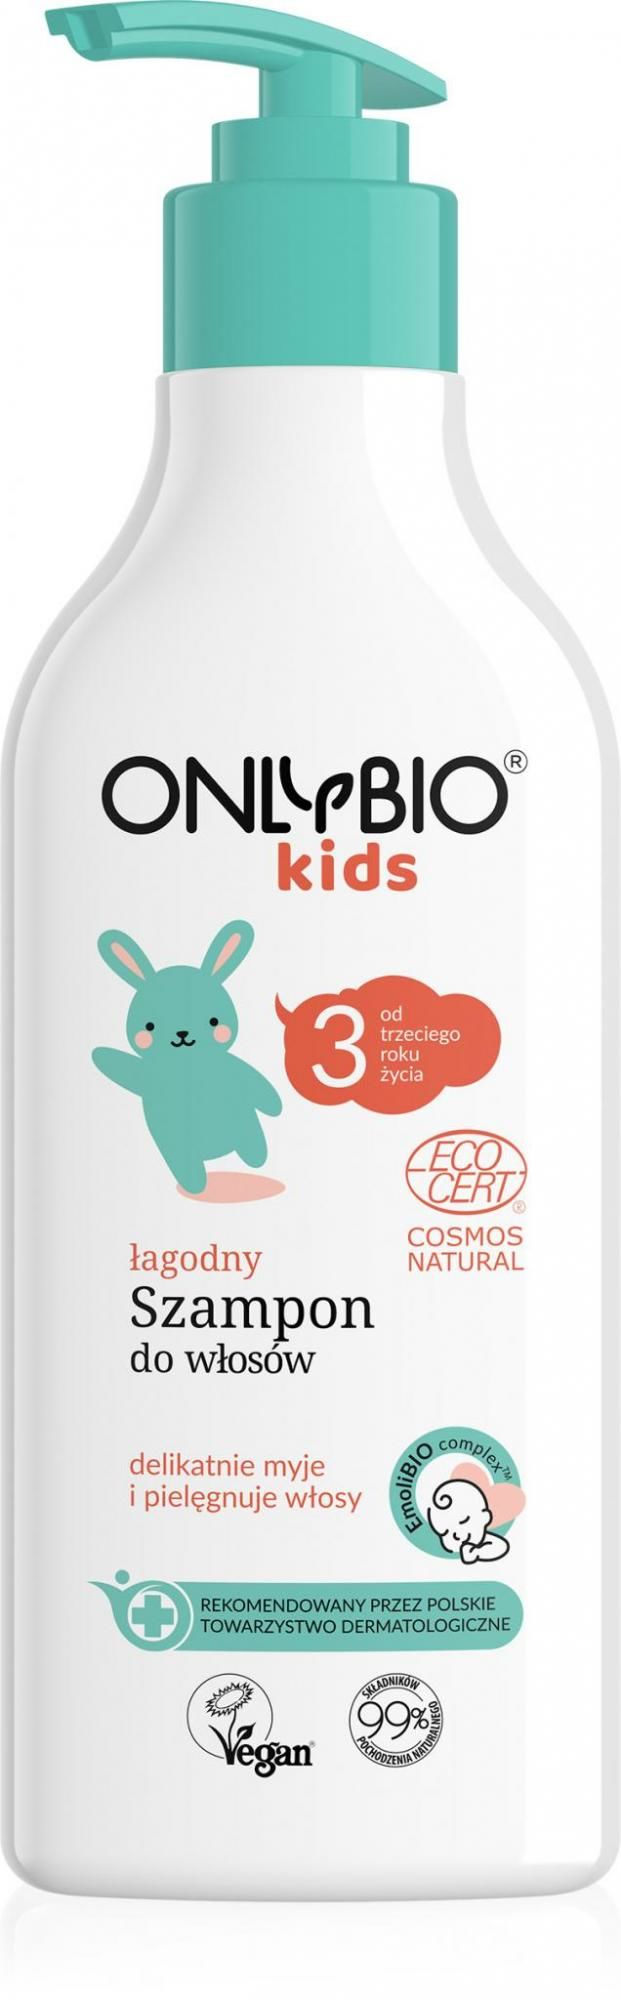 Szampon do włosów dla dzieci od 3 roku życia eco 300 ml - only bio (baby)